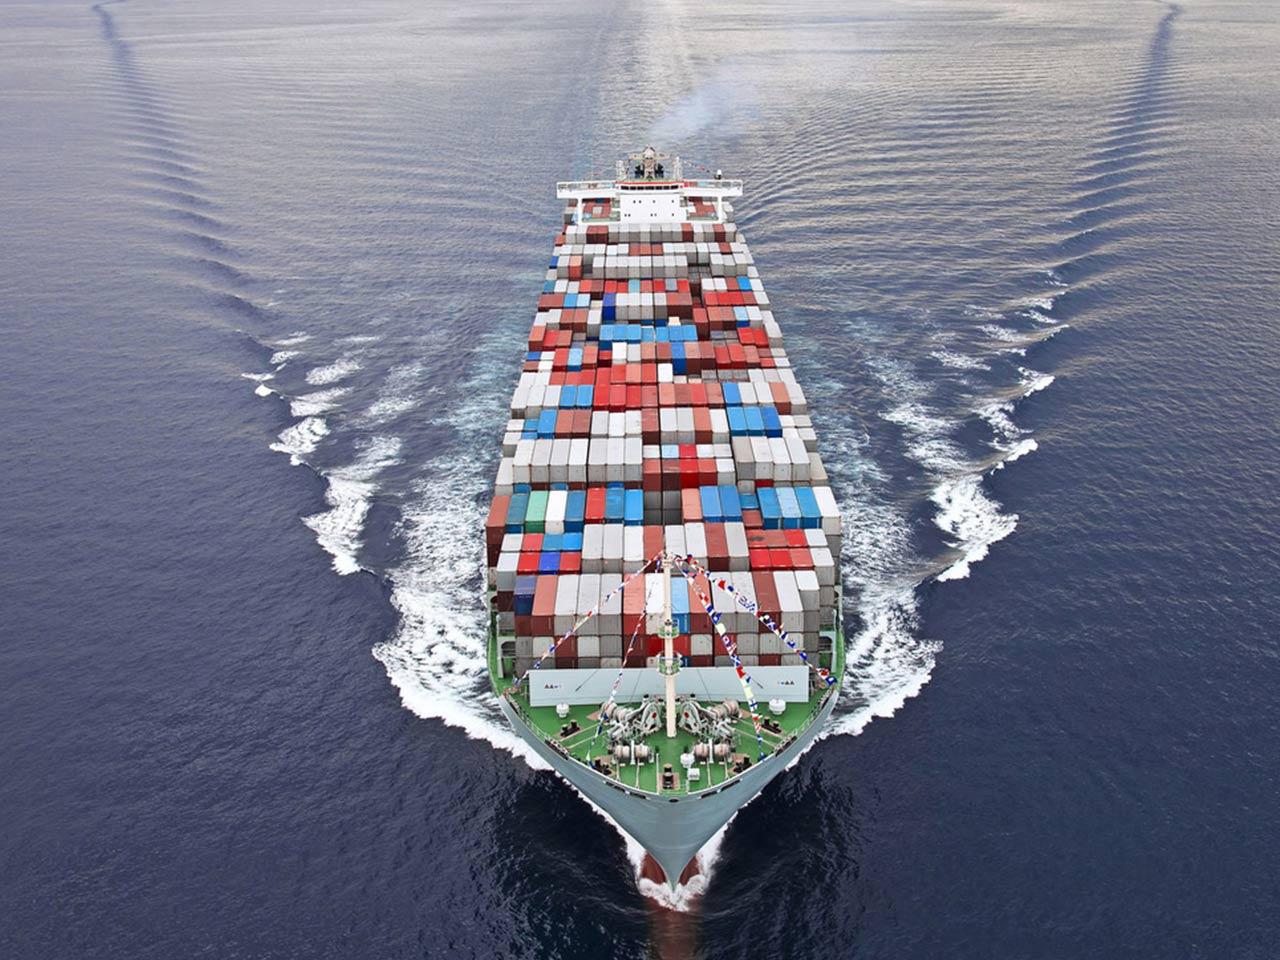 Υπηρεσίες που αφορούν πλοία